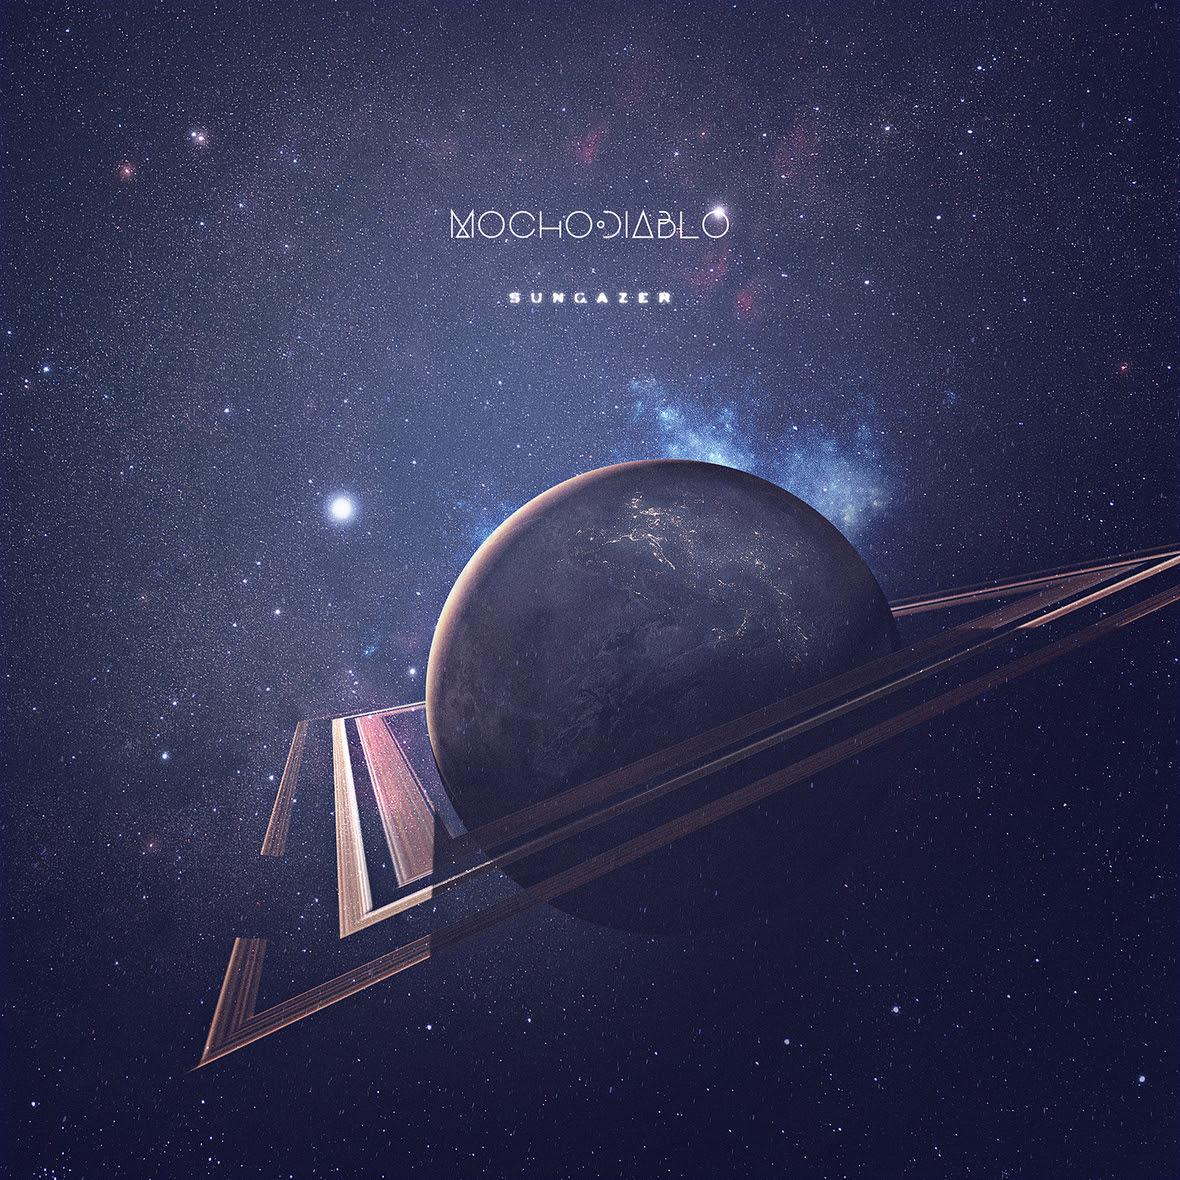 Mocho Diablo promove audição do novo álbum, Sungazer